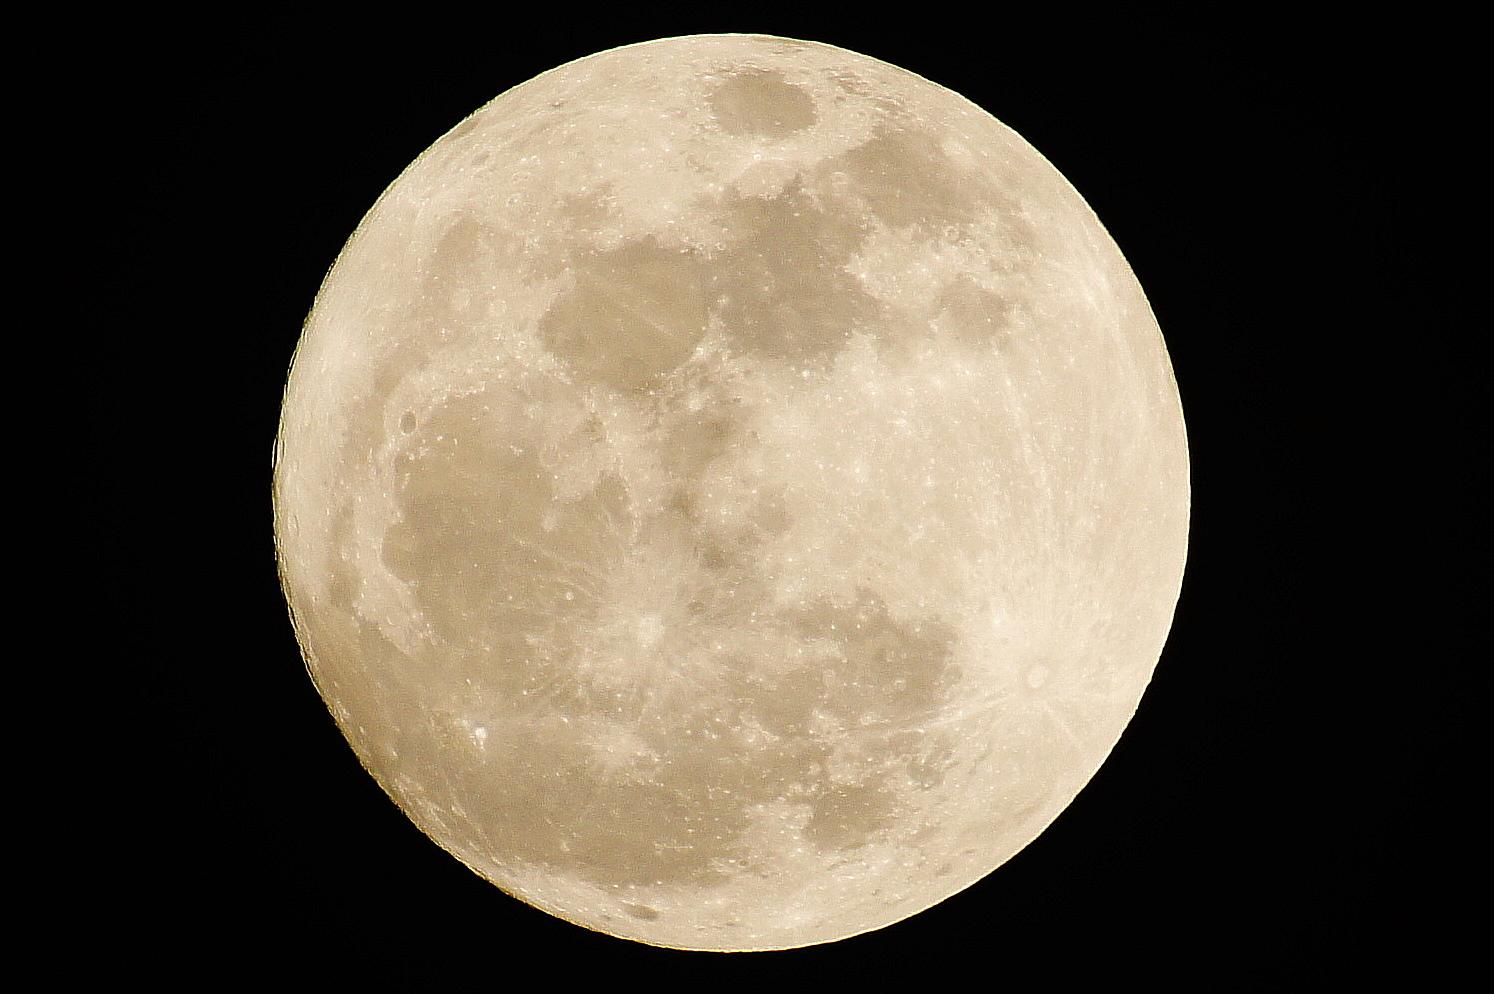 皆既月食(2015年4月4日)見える時間、方向は?次回は?